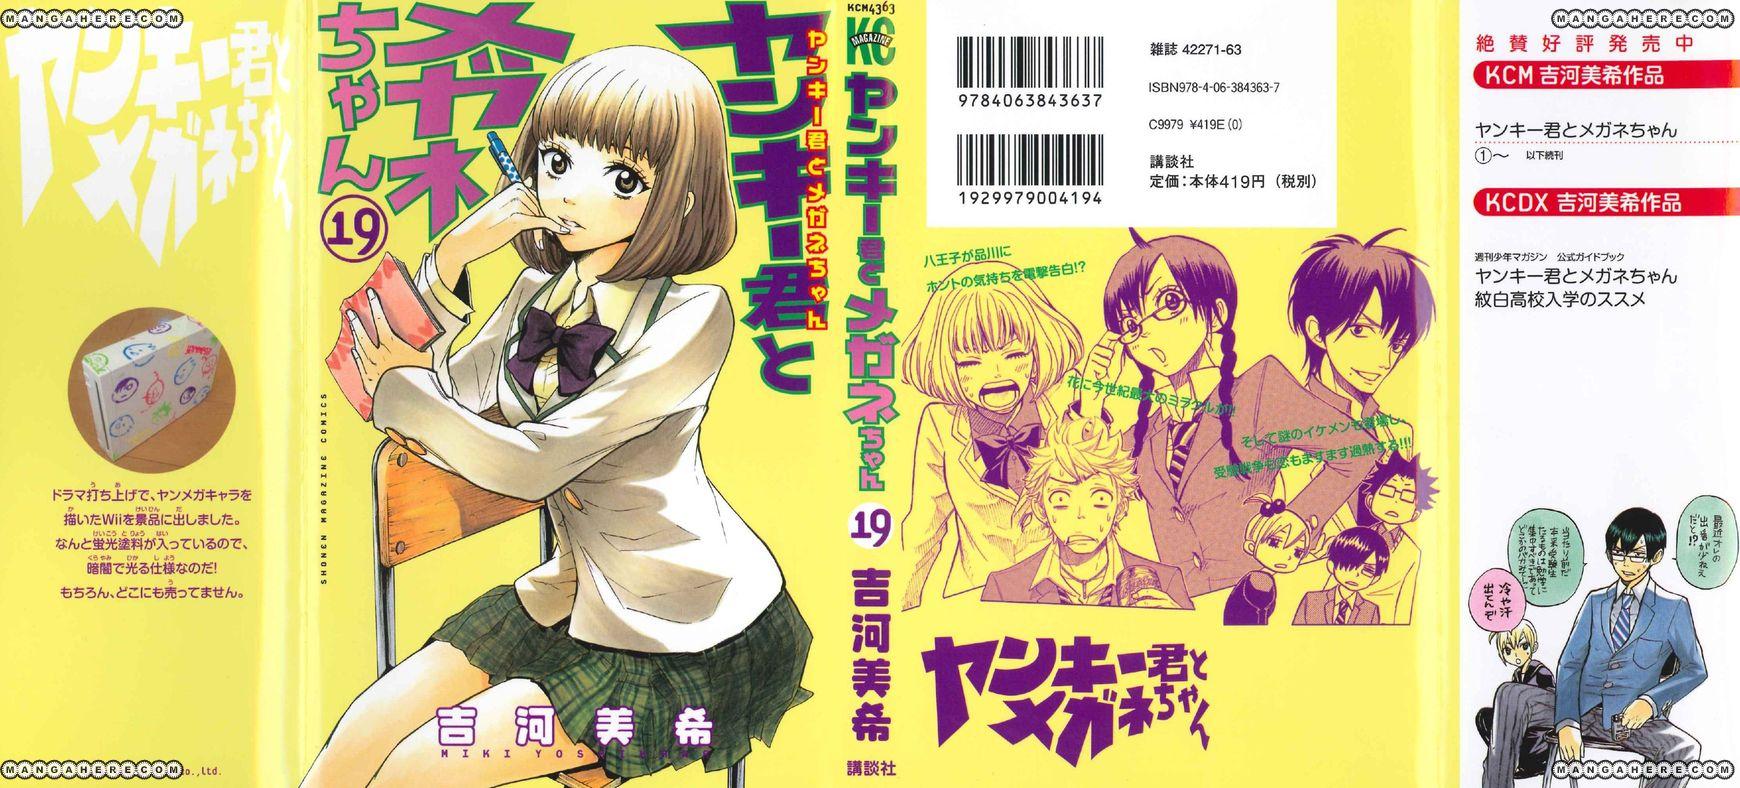 Yankee-kun to Megane-chan 167 Page 1